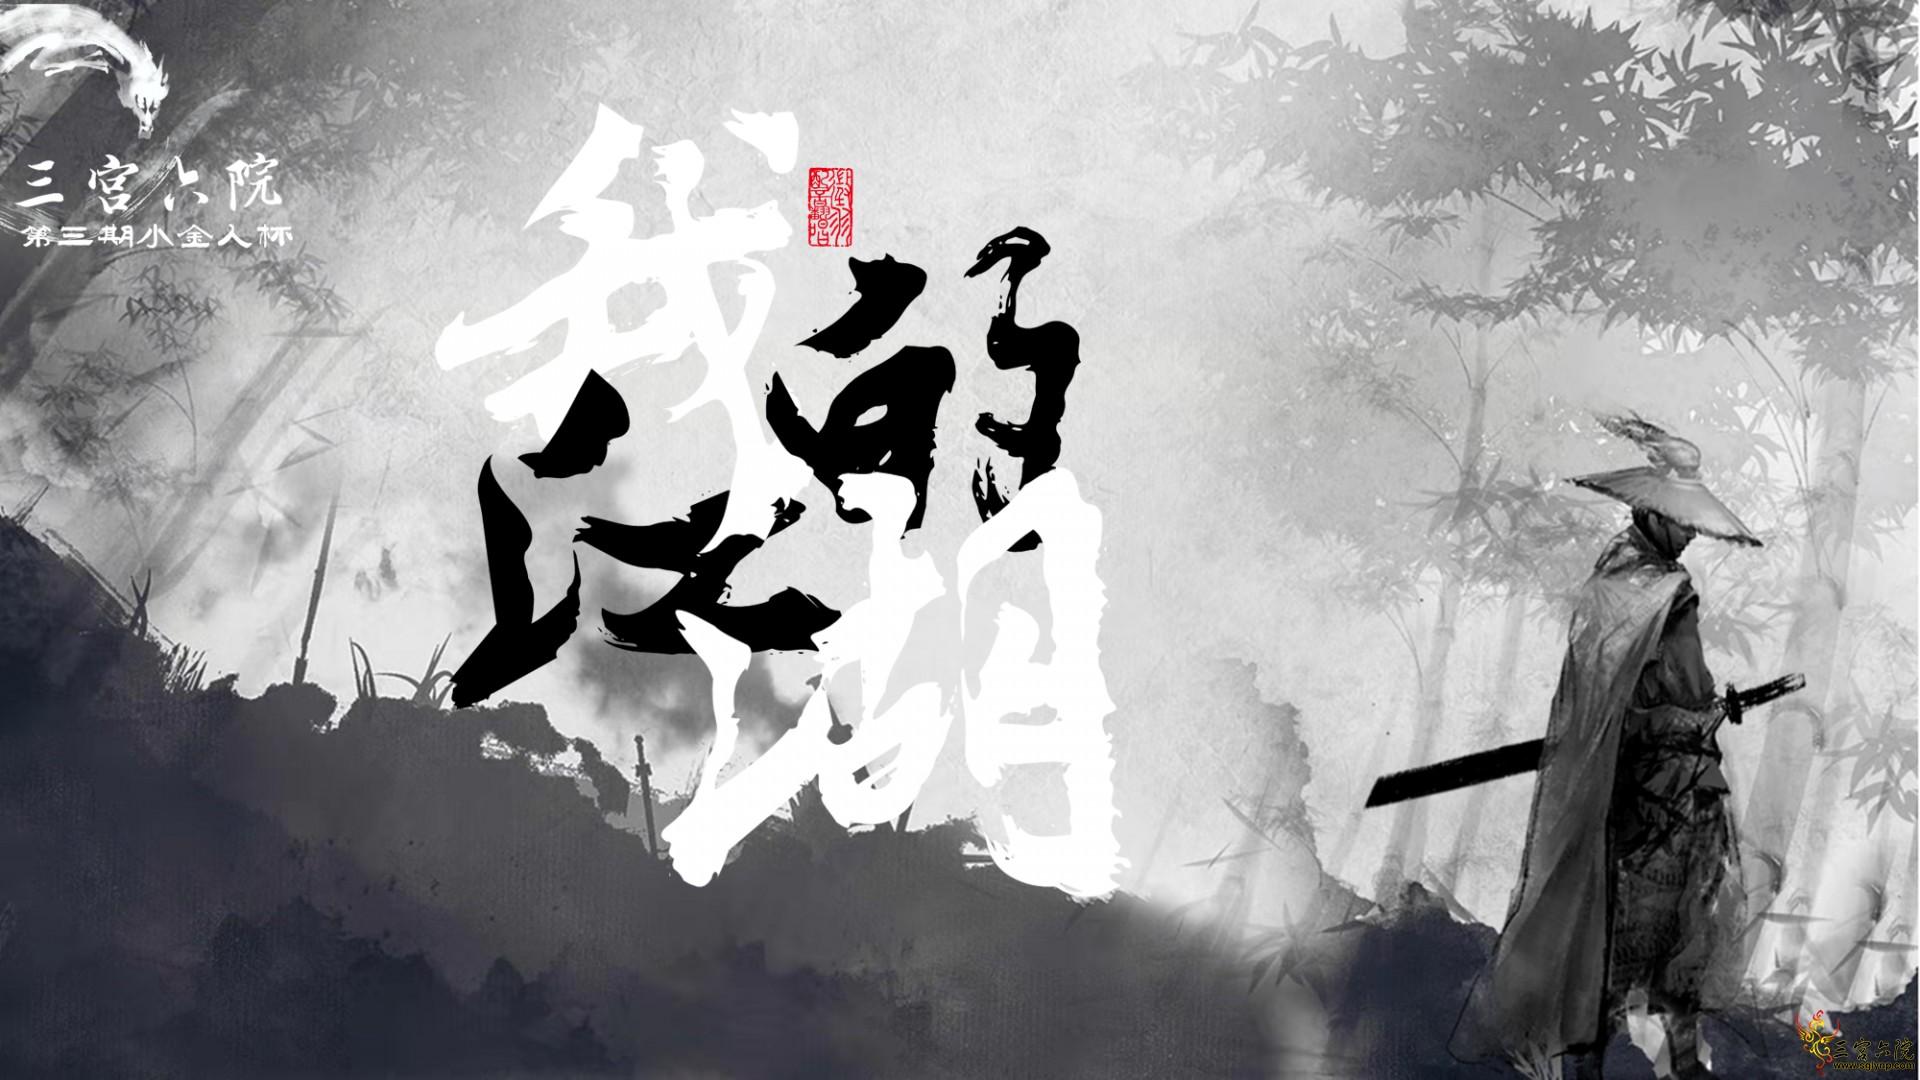 联动_副本.png